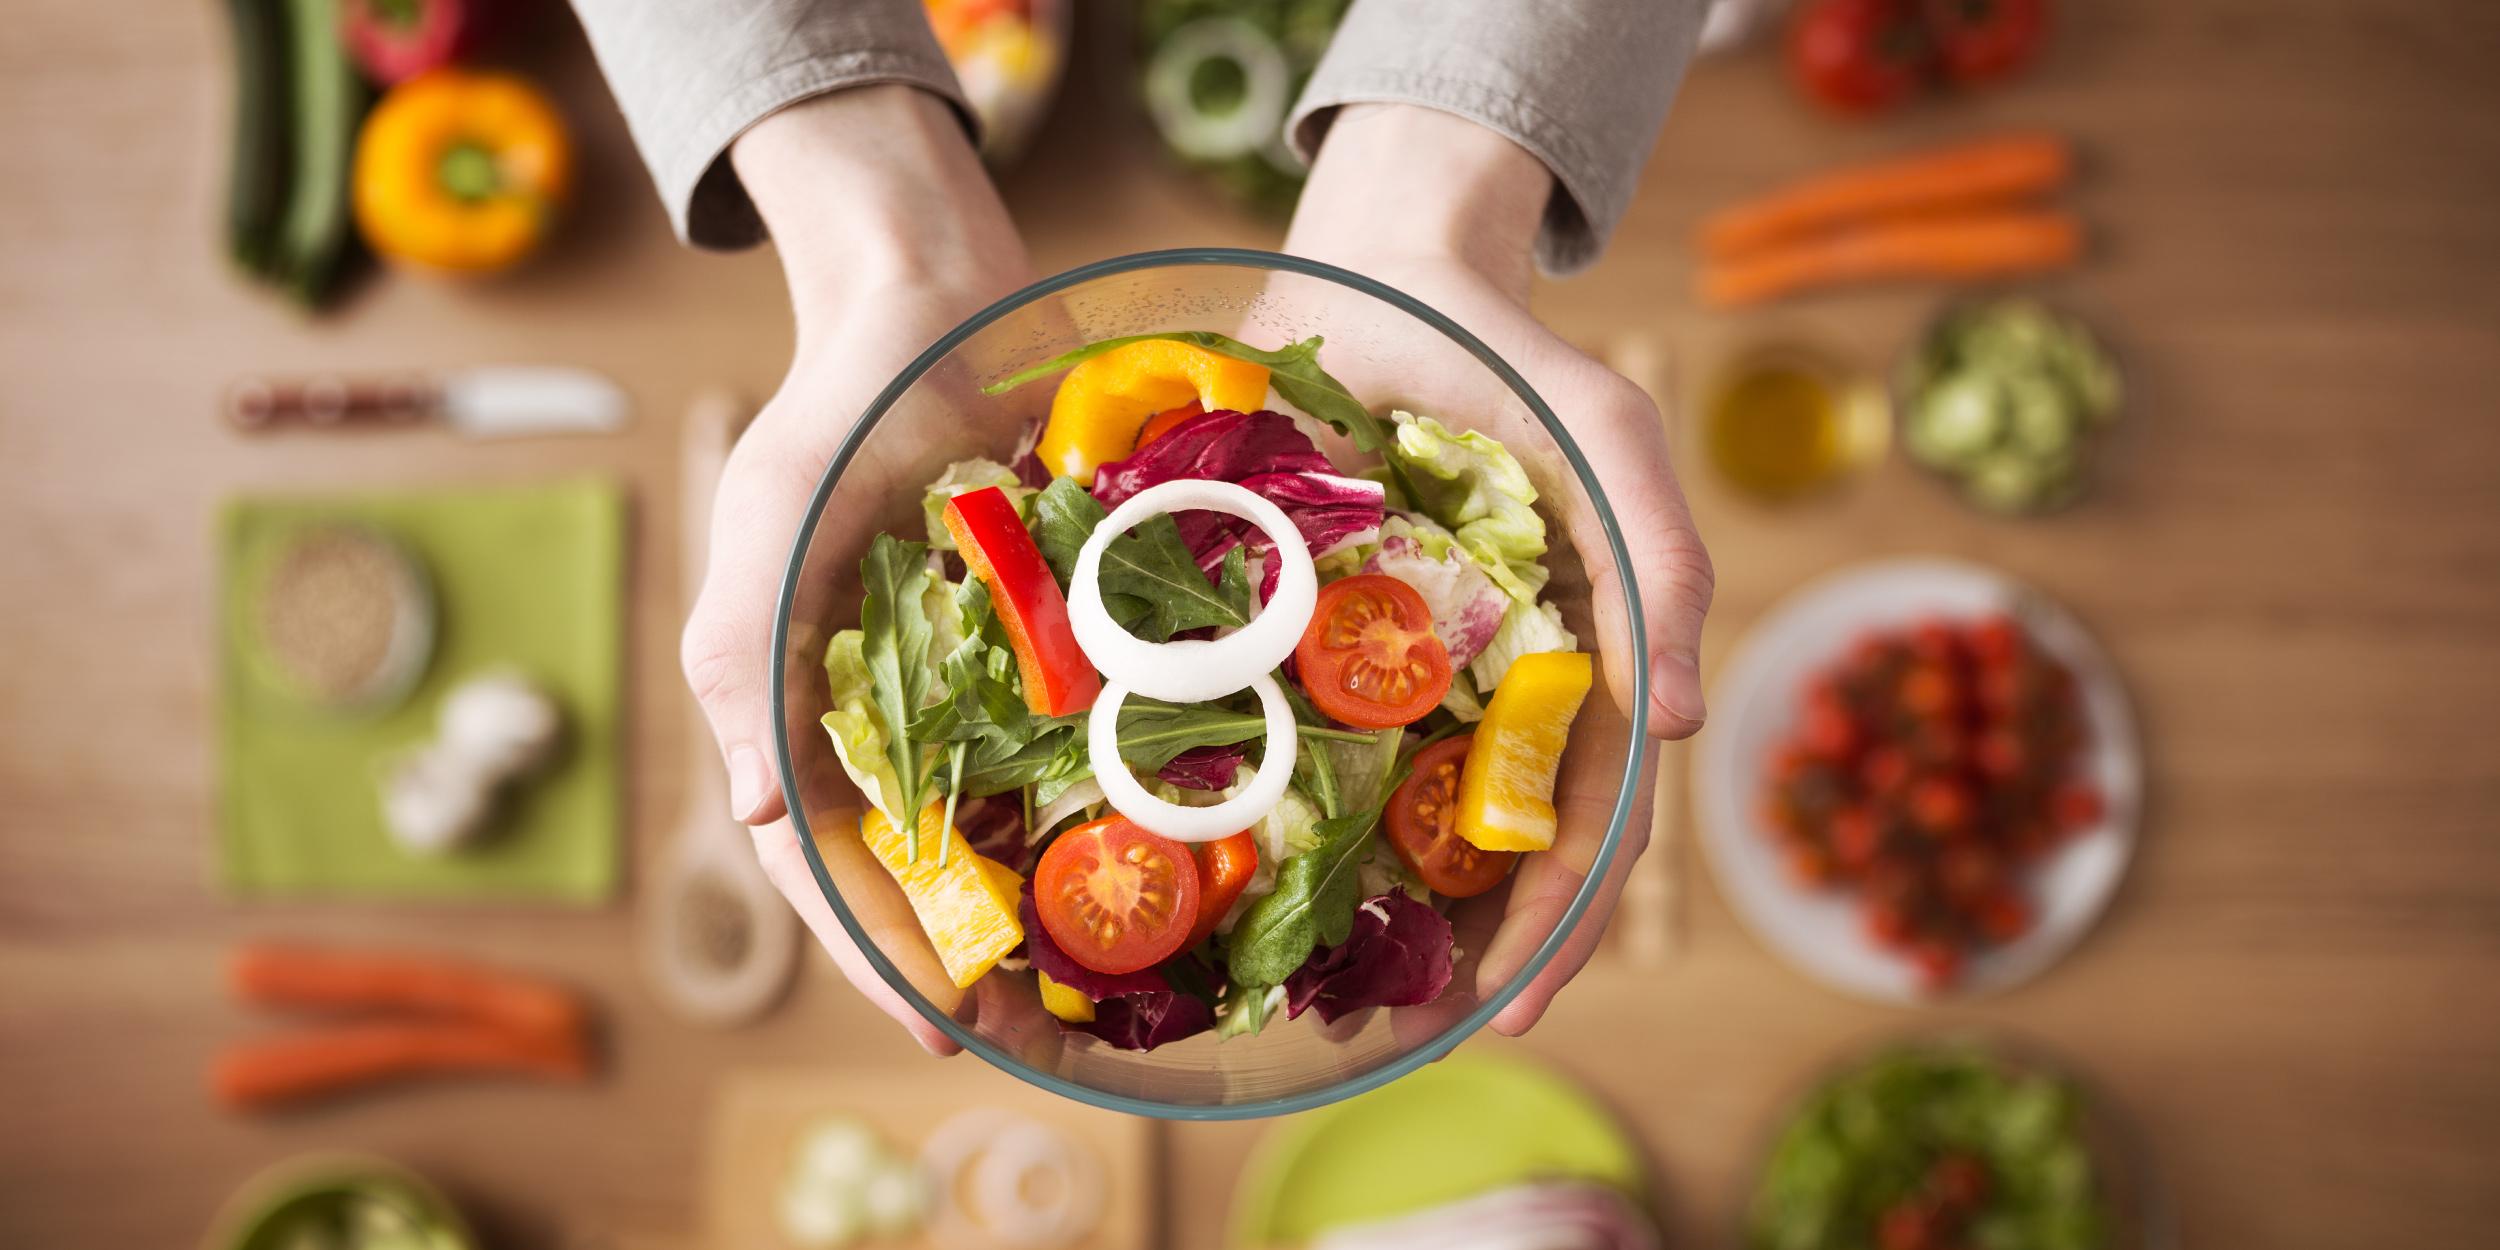 5 признаков того, что в вашем рационе недостаточно жиров